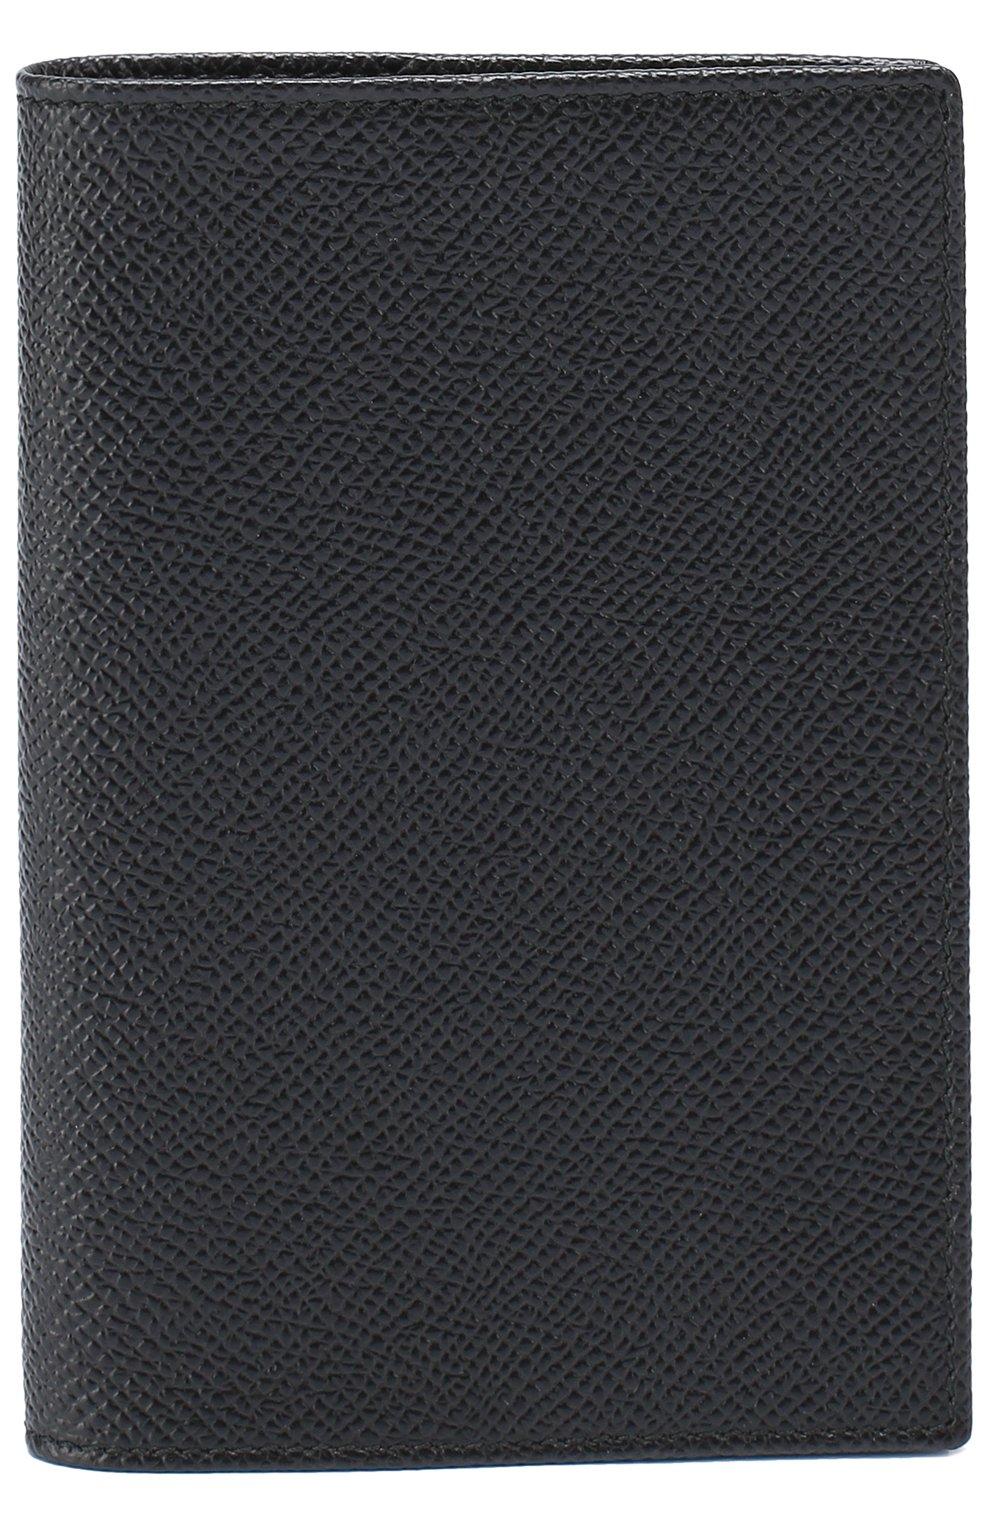 Комплект из обложки для паспорта и футляра для документов Dolce & Gabbana черного цвета | Фото №2